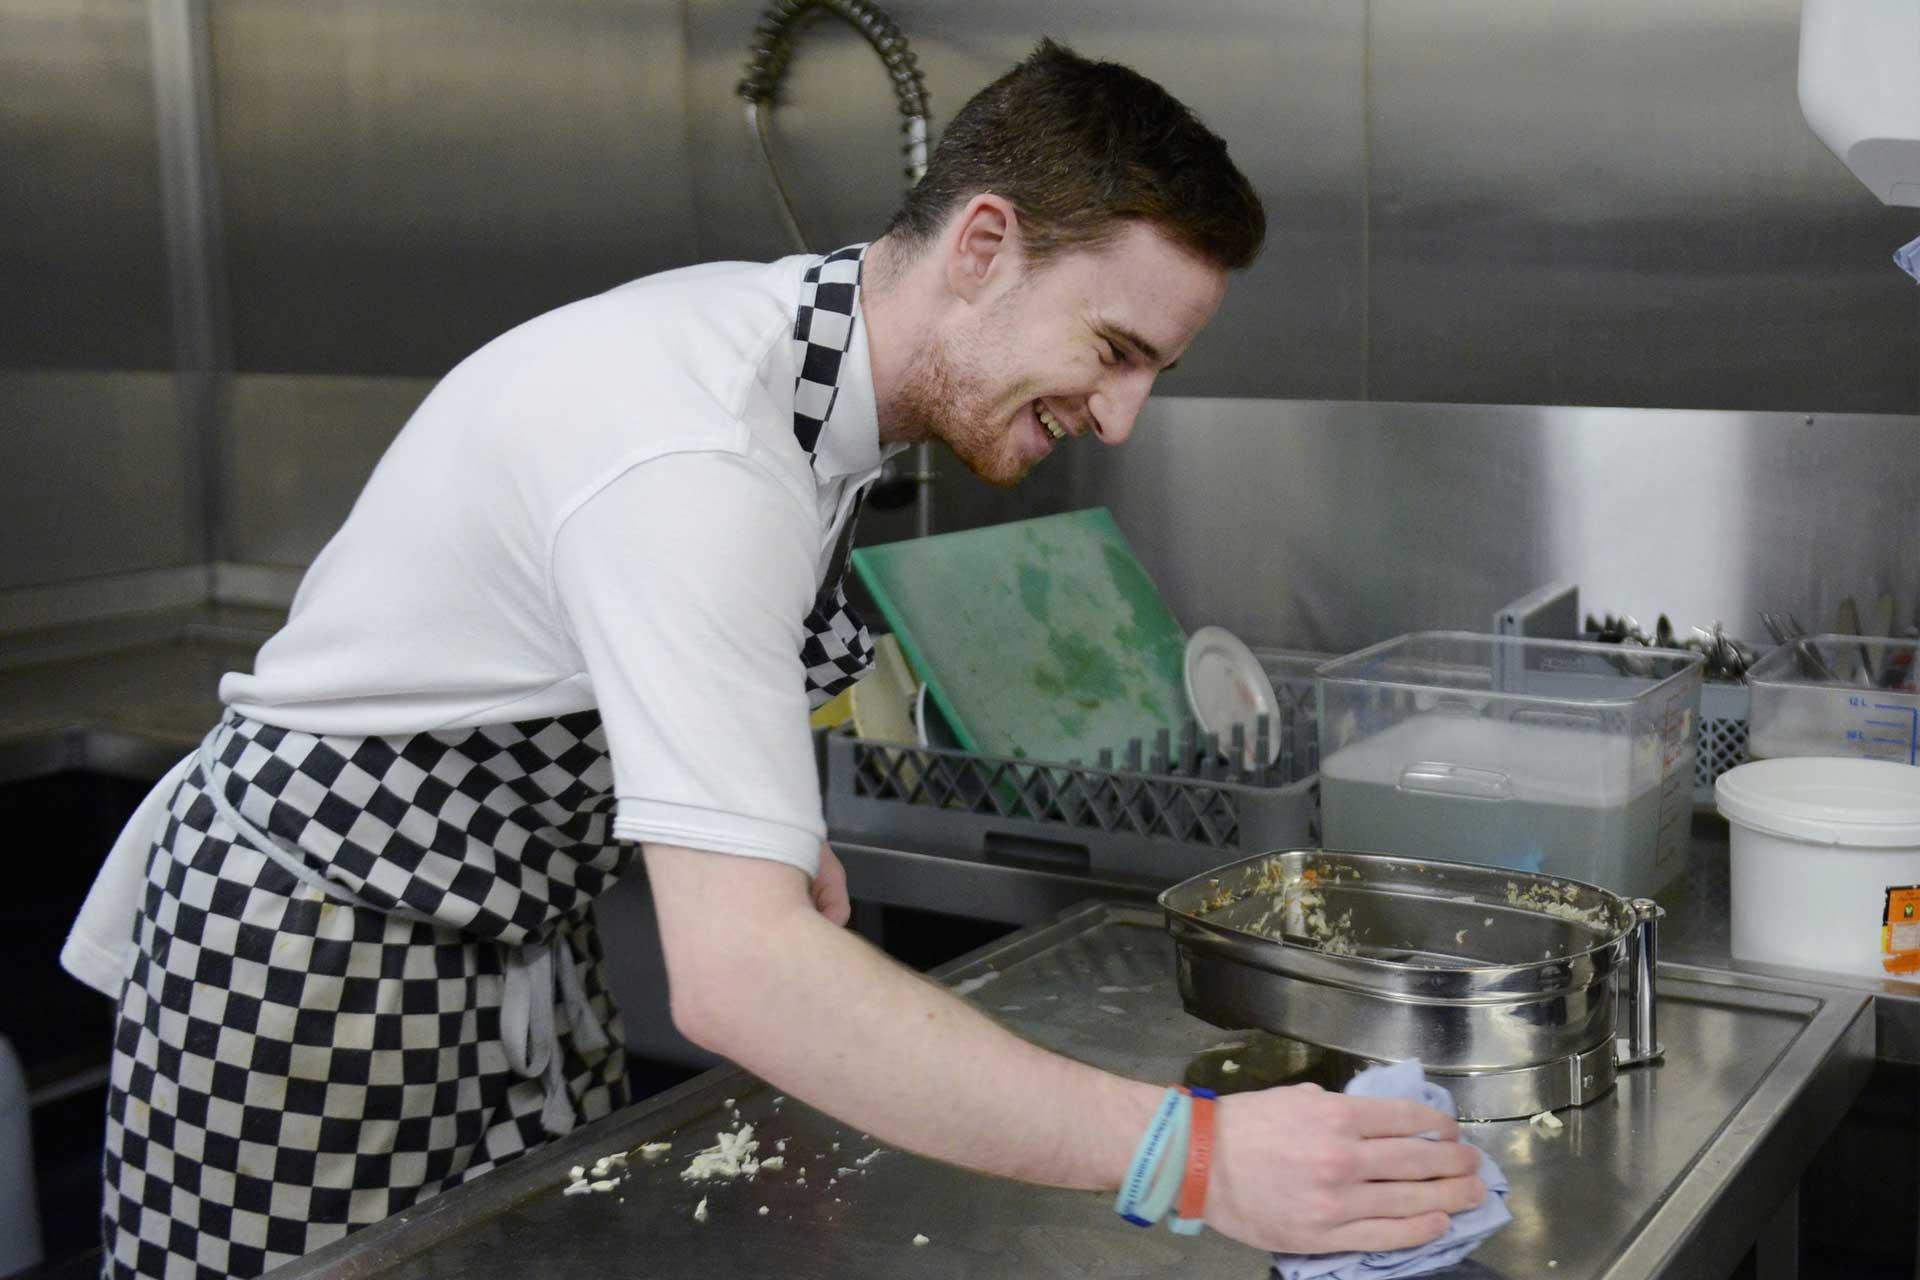 trabajo de kitchen porter en londres para españoles